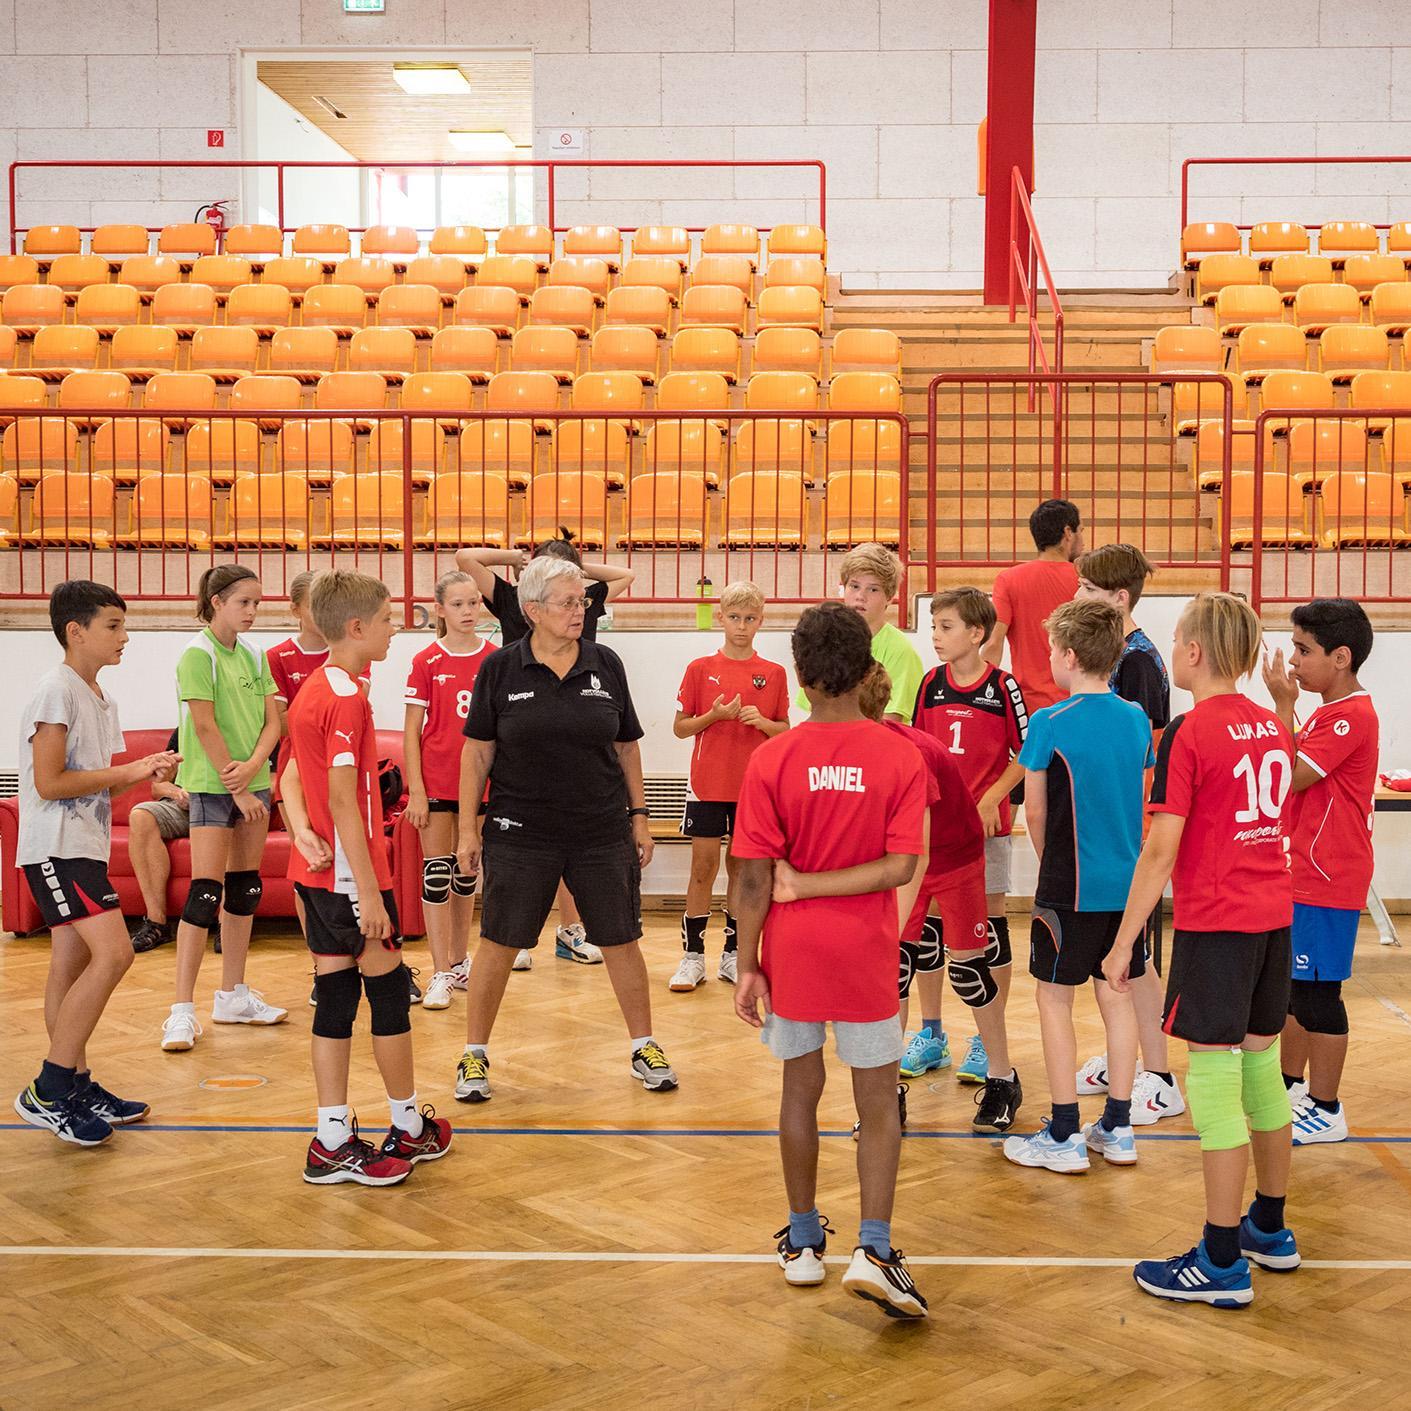 Volleyballcamps in der Mehrzweckhalle